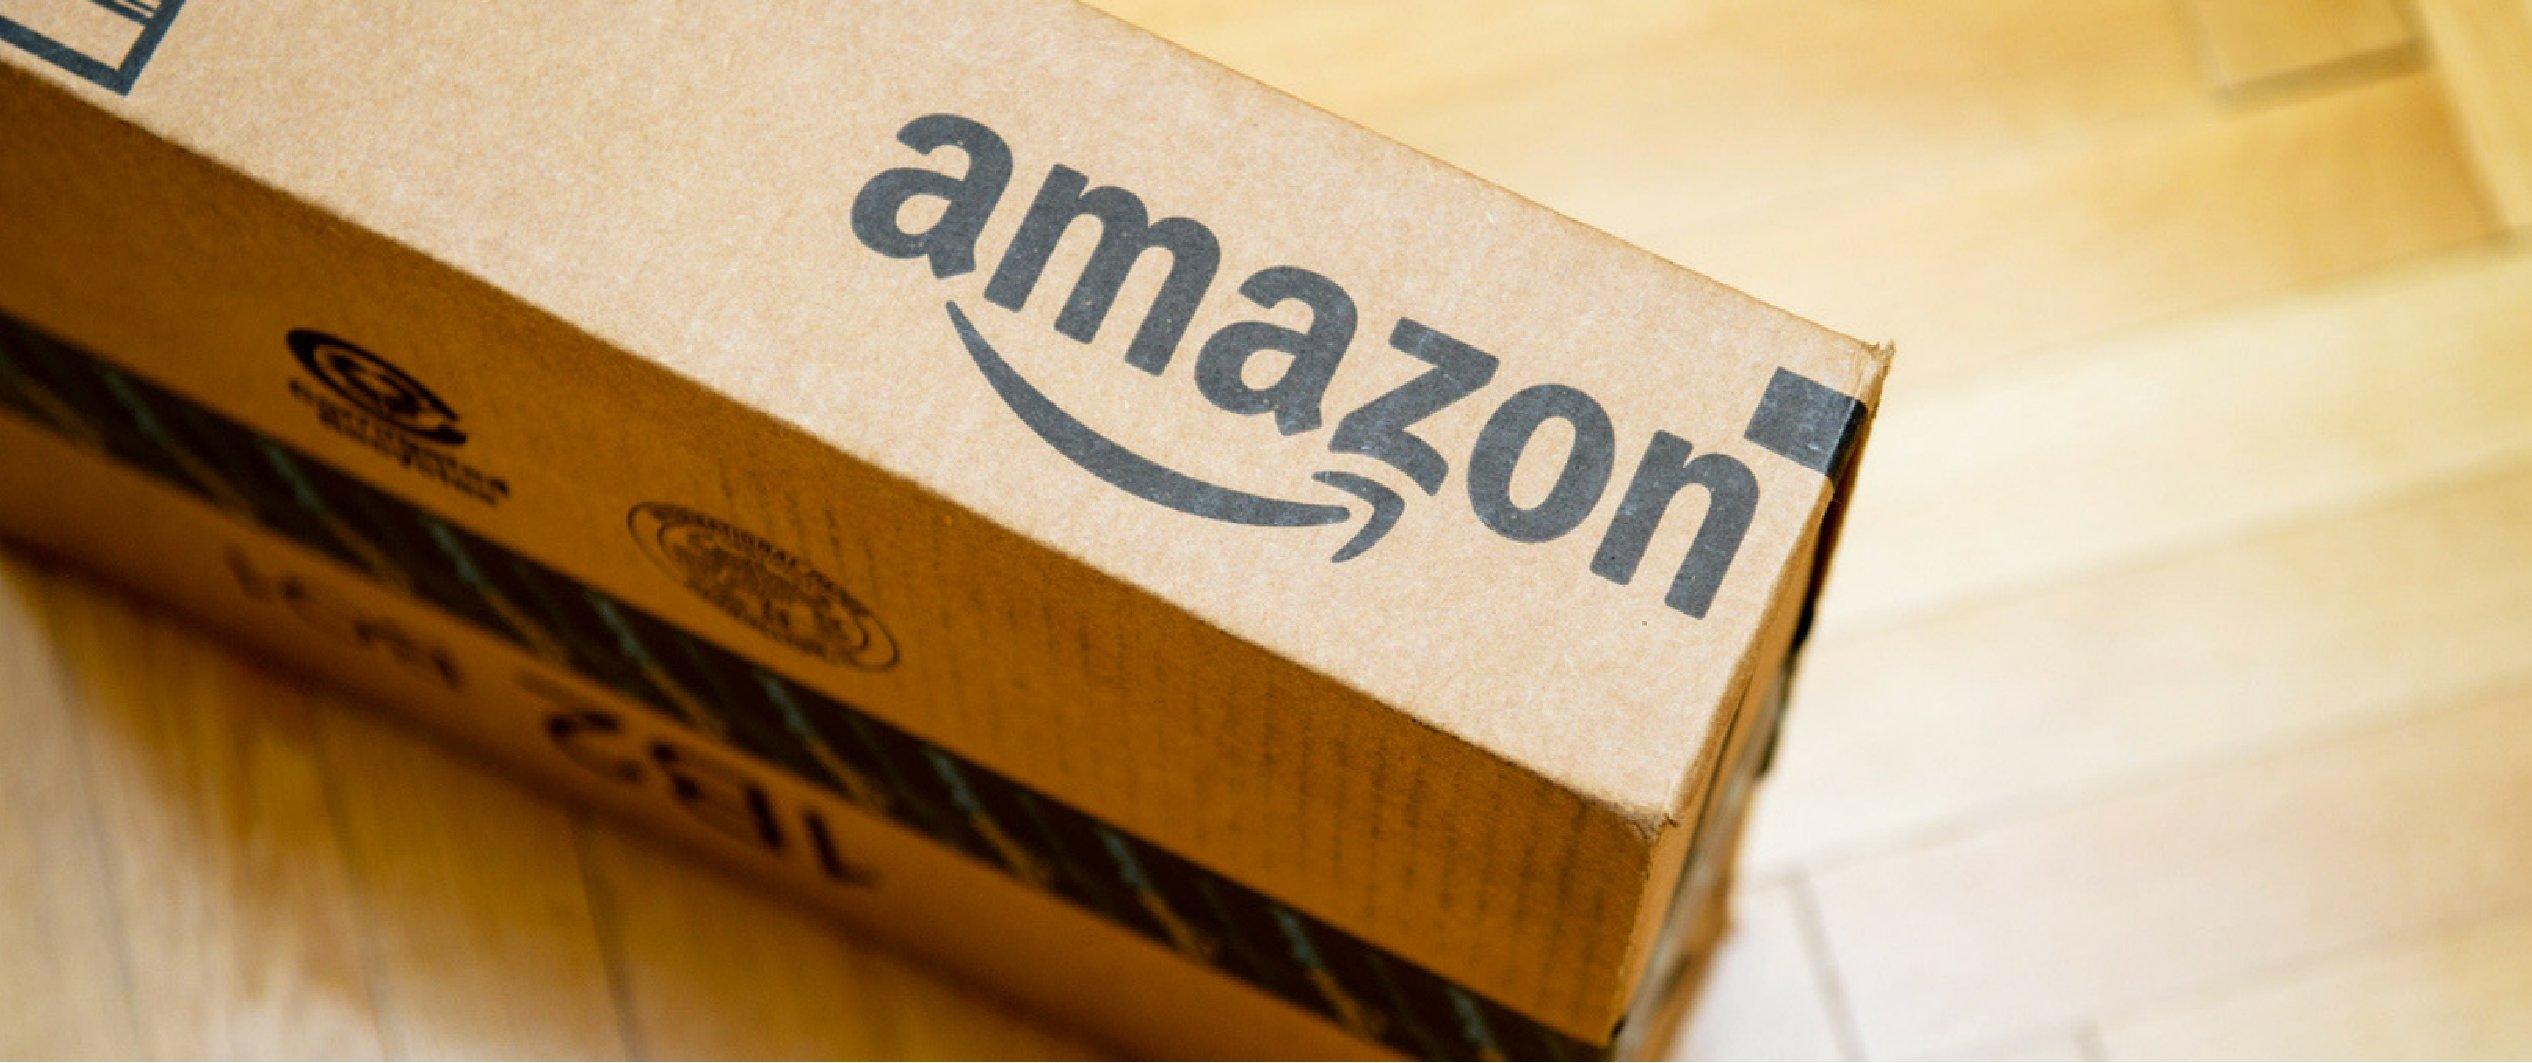 Selling-on-Amazon